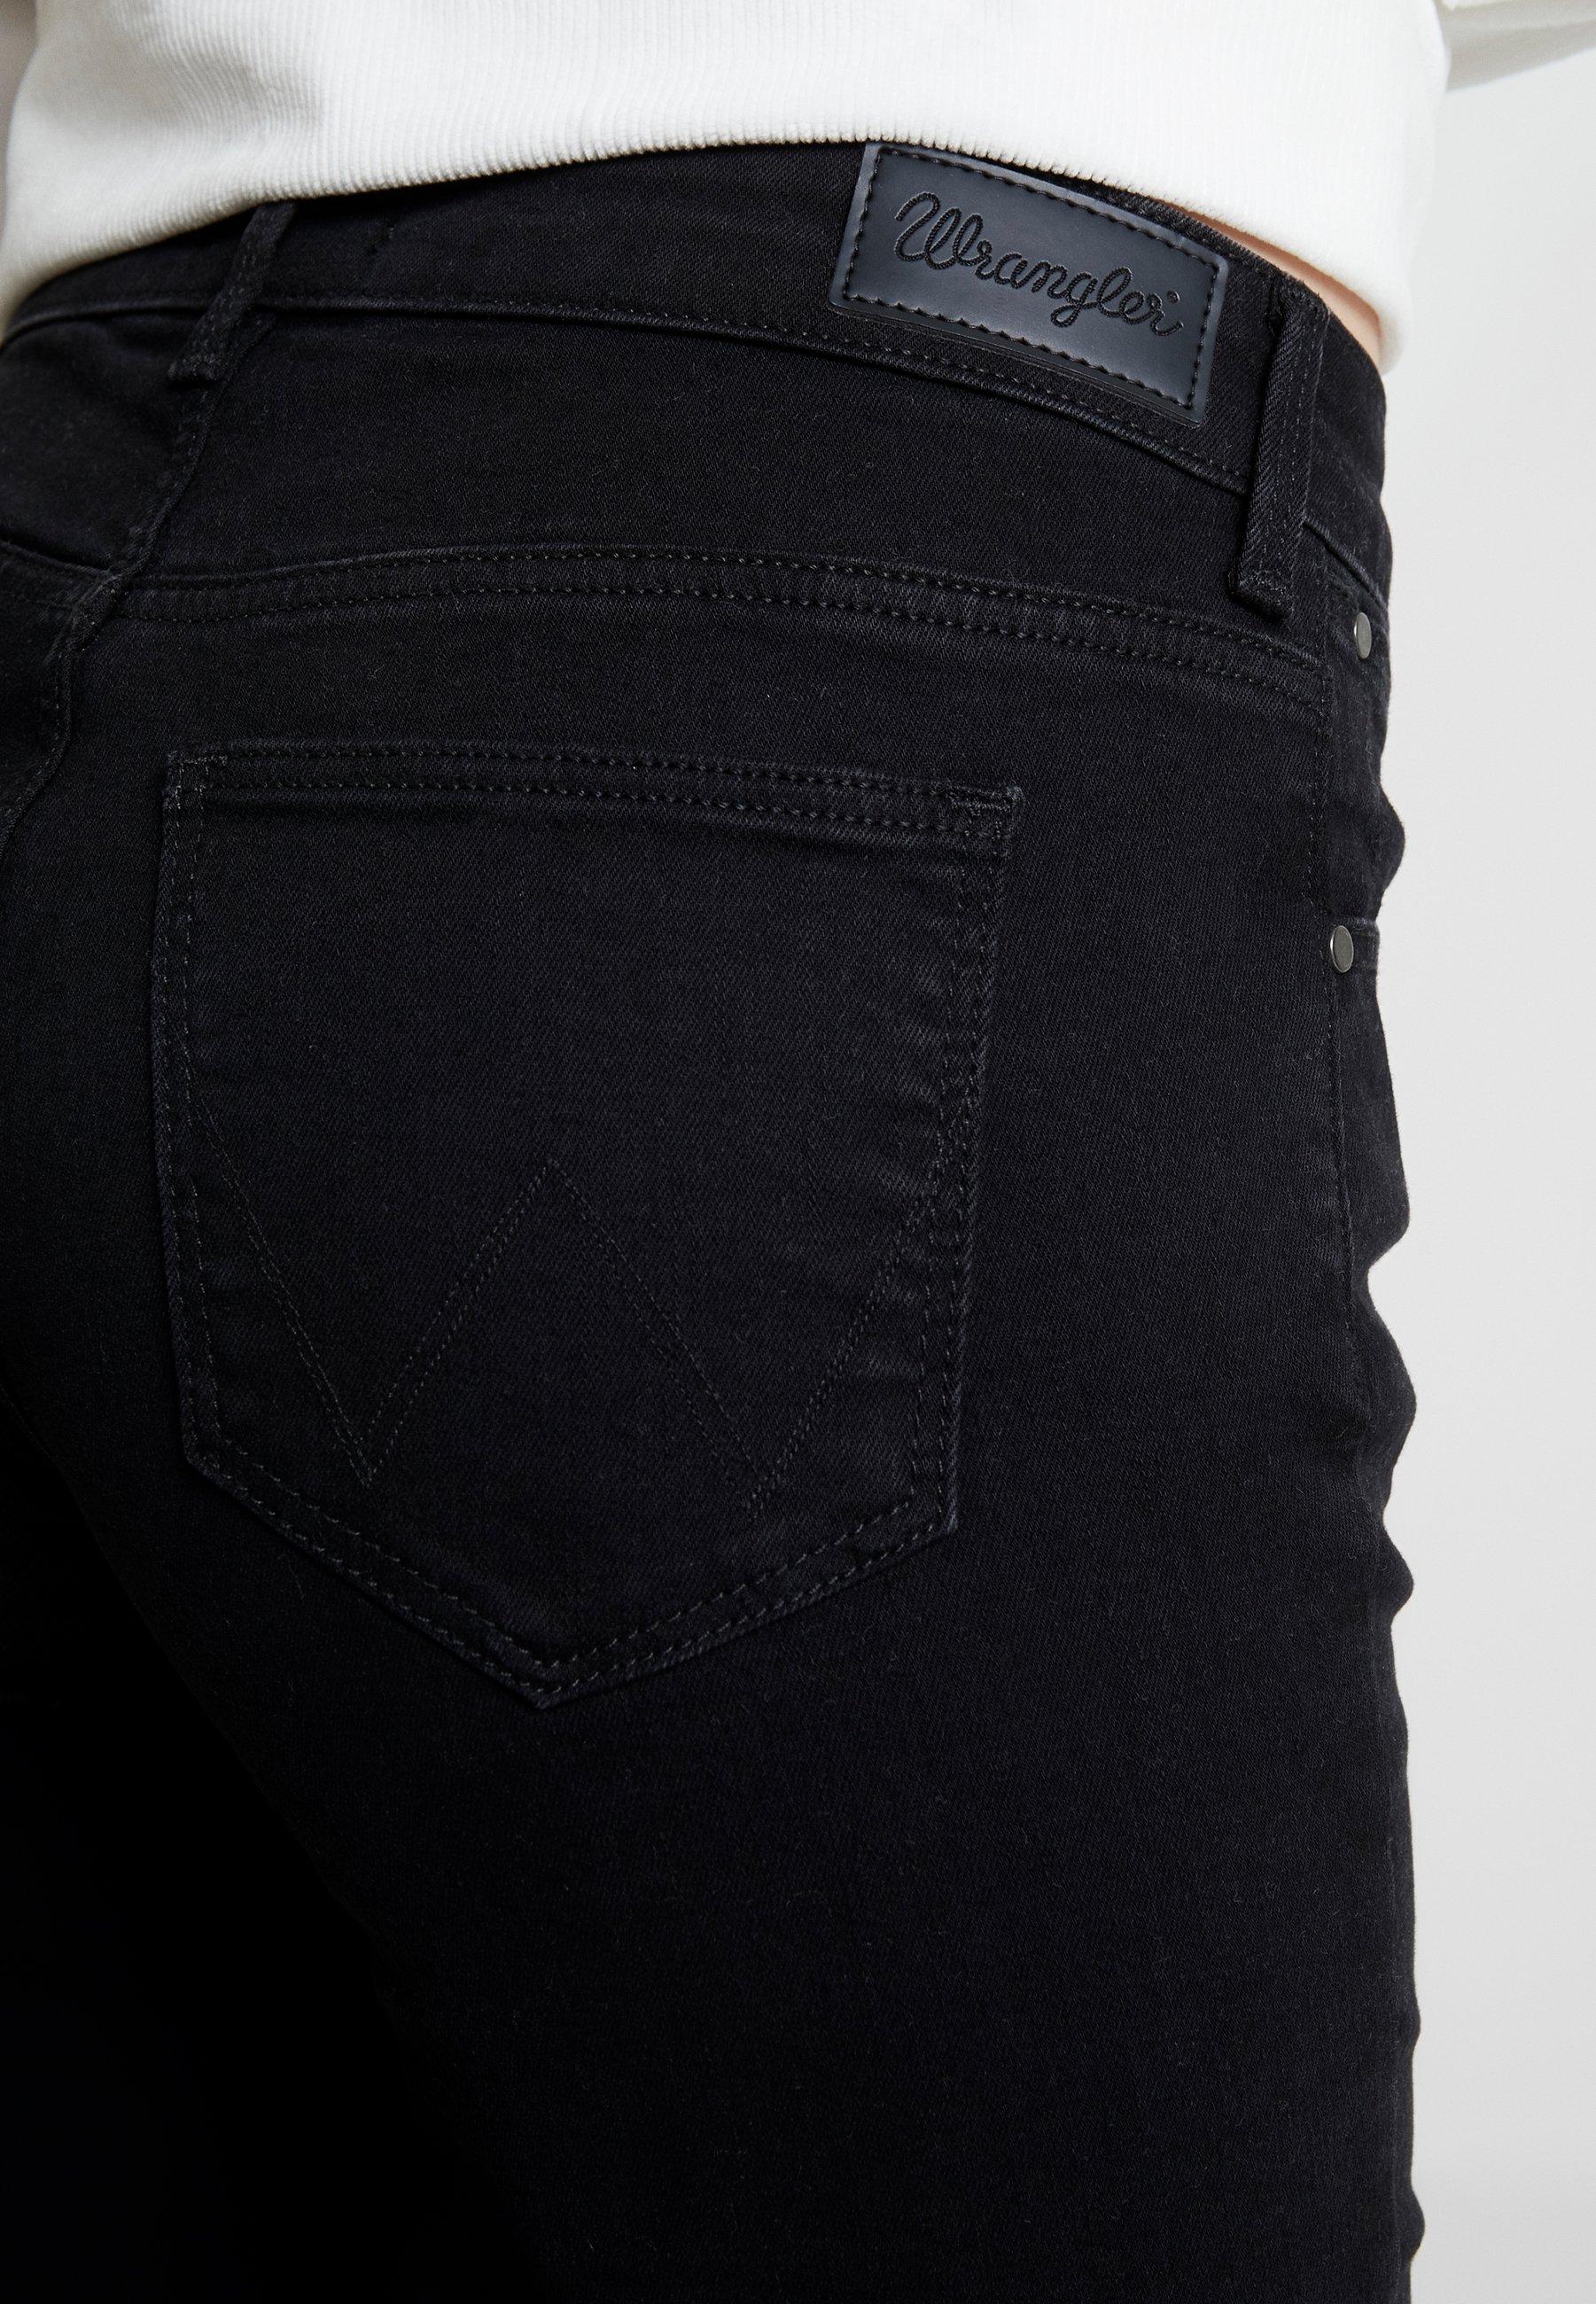 Wrangler BODY BESPOKE - Jean bootcut - black - Jeans Femme qwldx